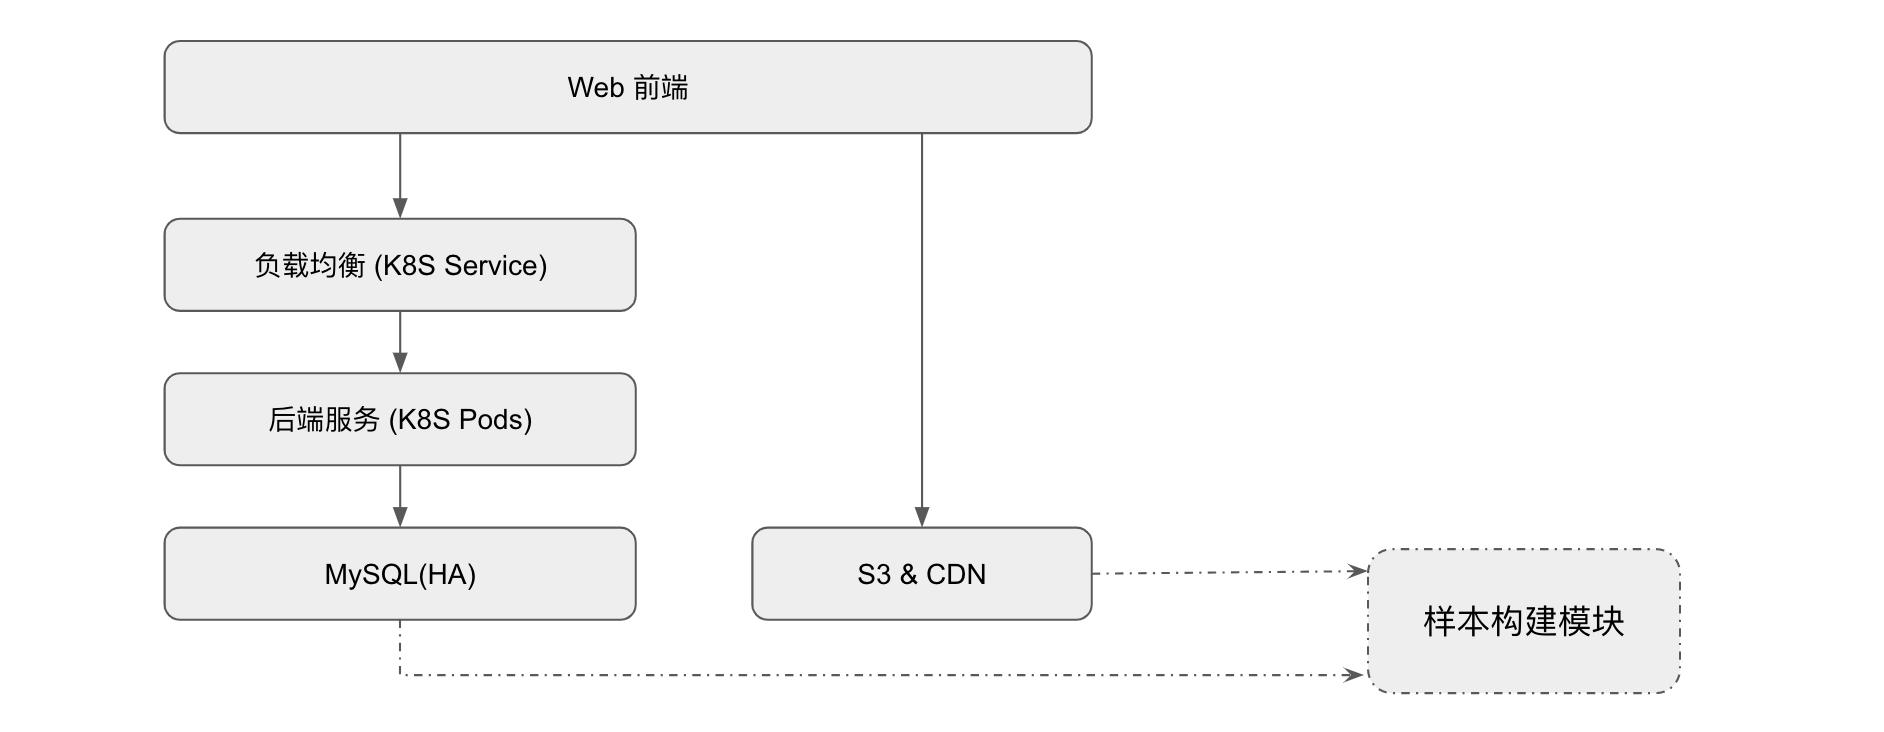 蘑菇街如何通过构建平台搞定数据标注难题?